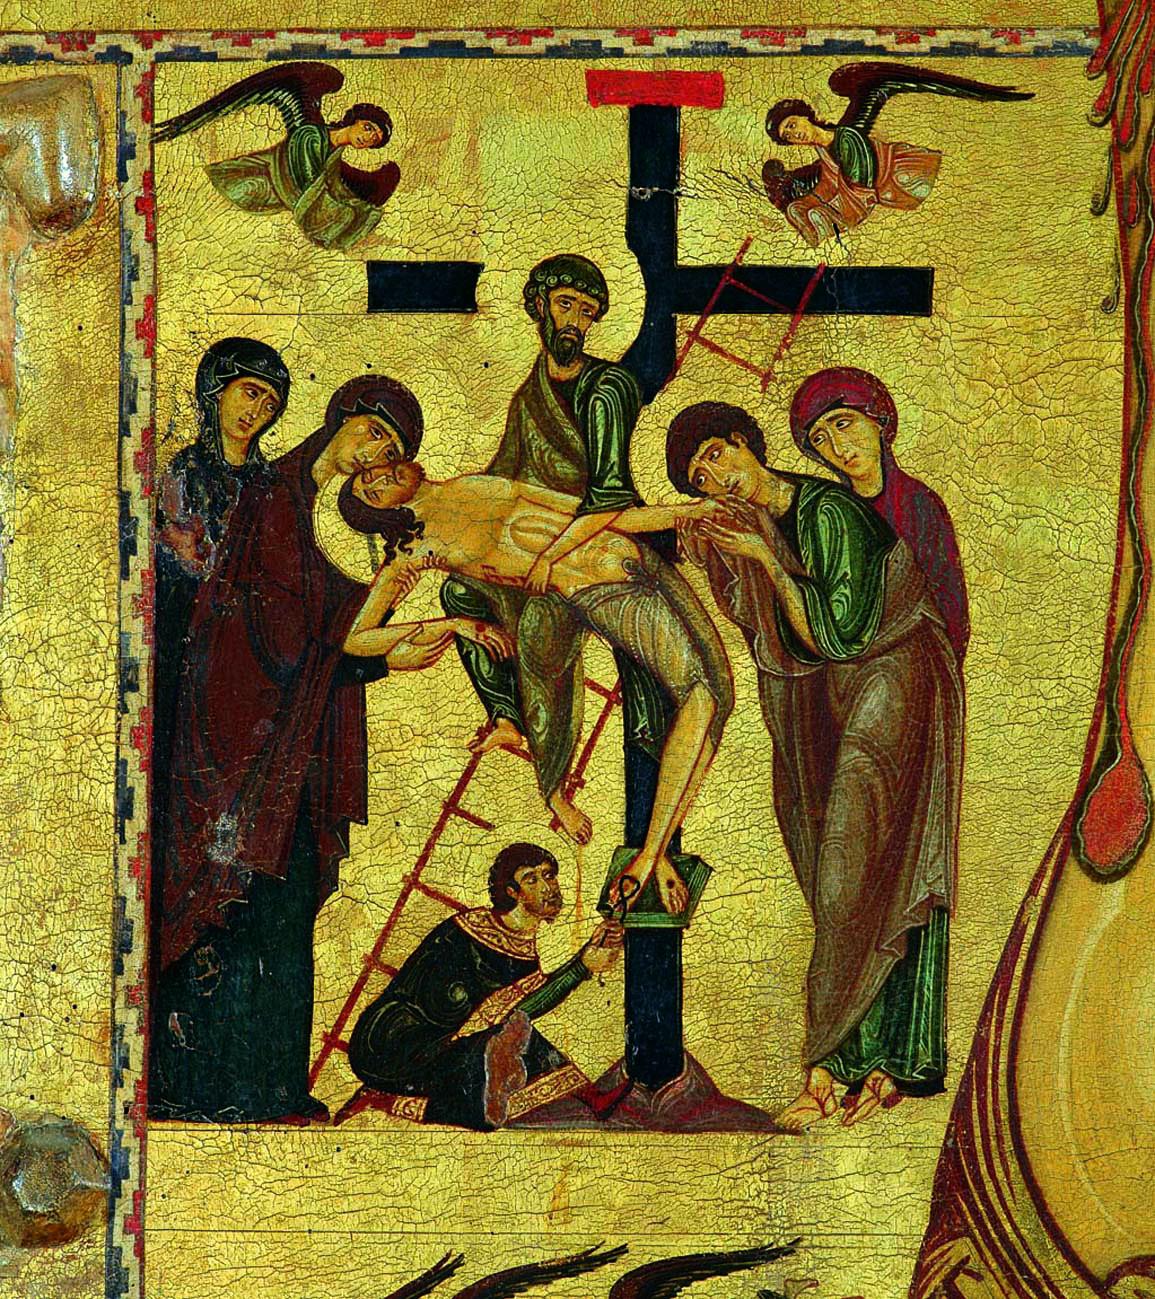 """Pittore bizantino, """"Deposizione"""", particolare della """"Croce di San Matteo"""", 1203 circa. Il dipinto mostra il nucleo di innovazione cui mossero le ricerche artistiche svolte a Pisa nel Duecento. L'opera non possiede la fissità che, di norma, viene ritenuta tratto peculiare della pittura bizantina"""